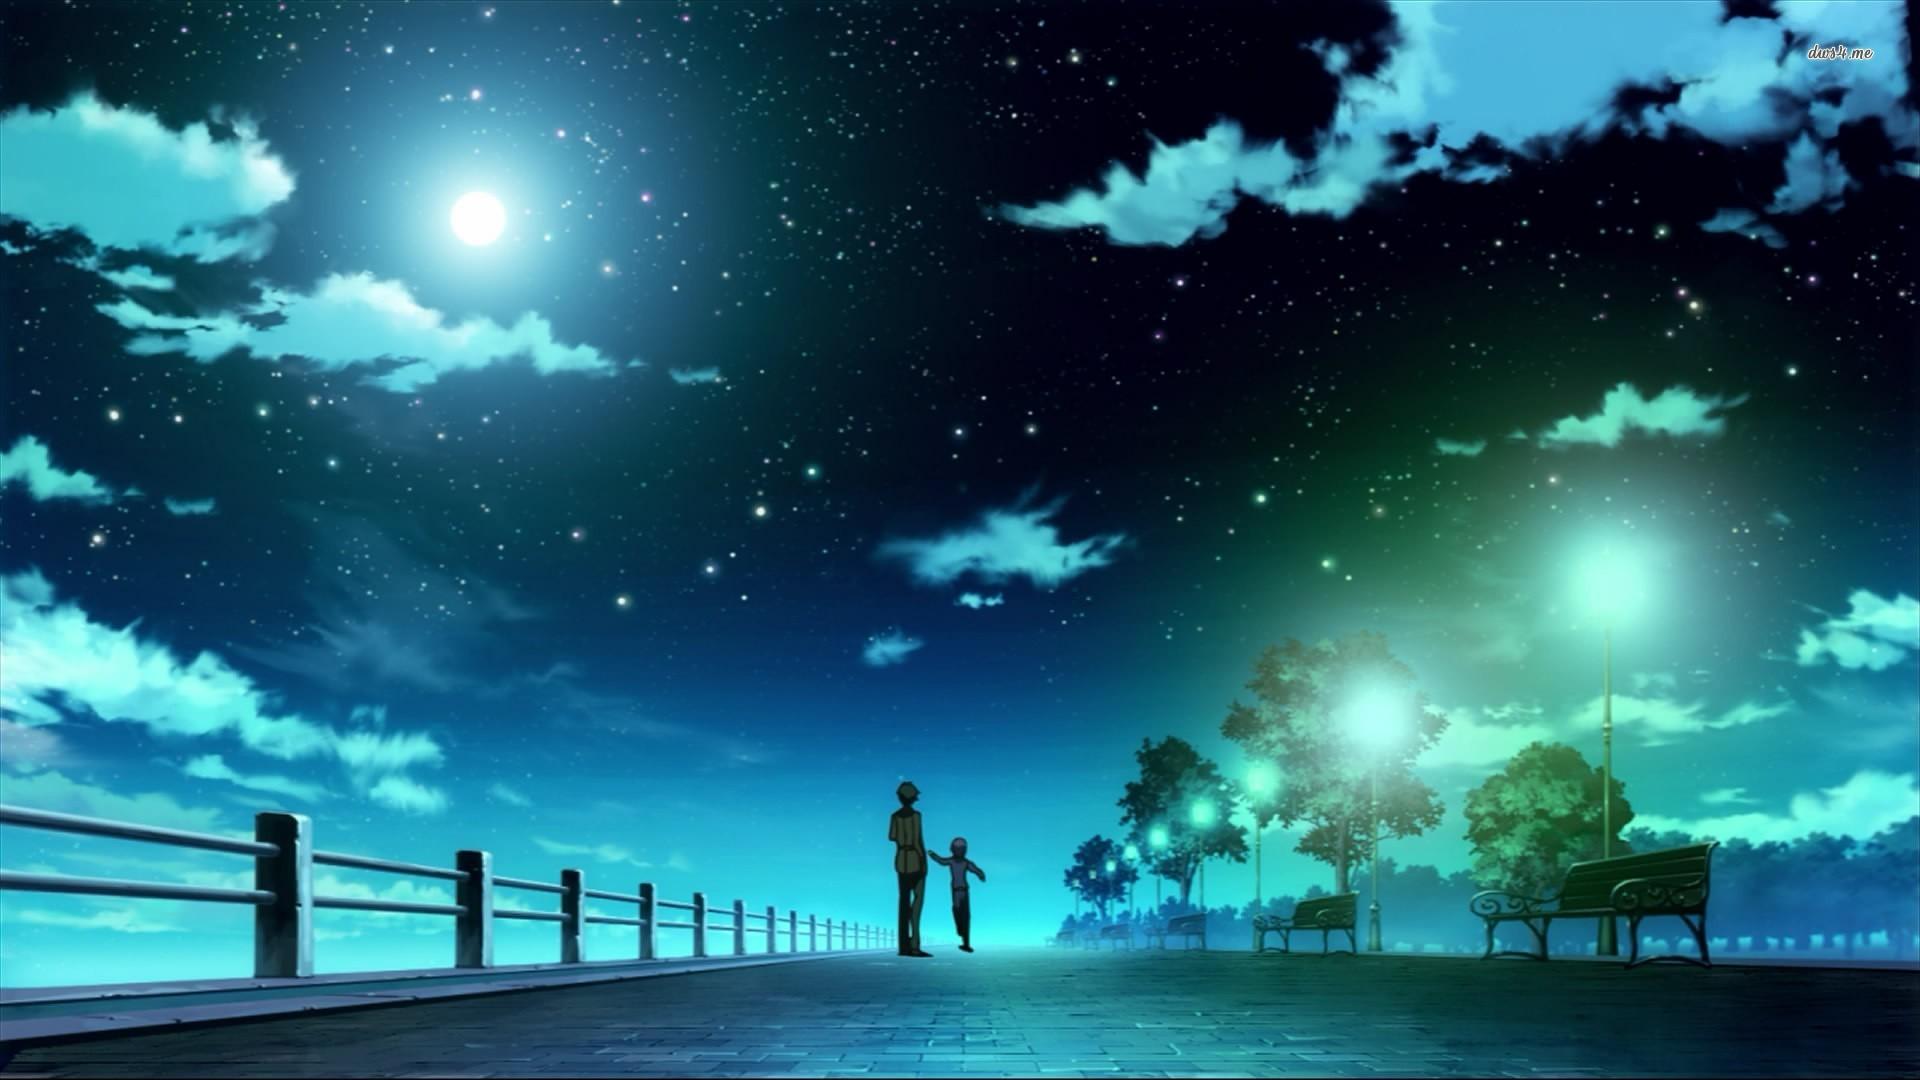 88] Anime Sky Wallpapers on WallpaperSafari 1920x1080